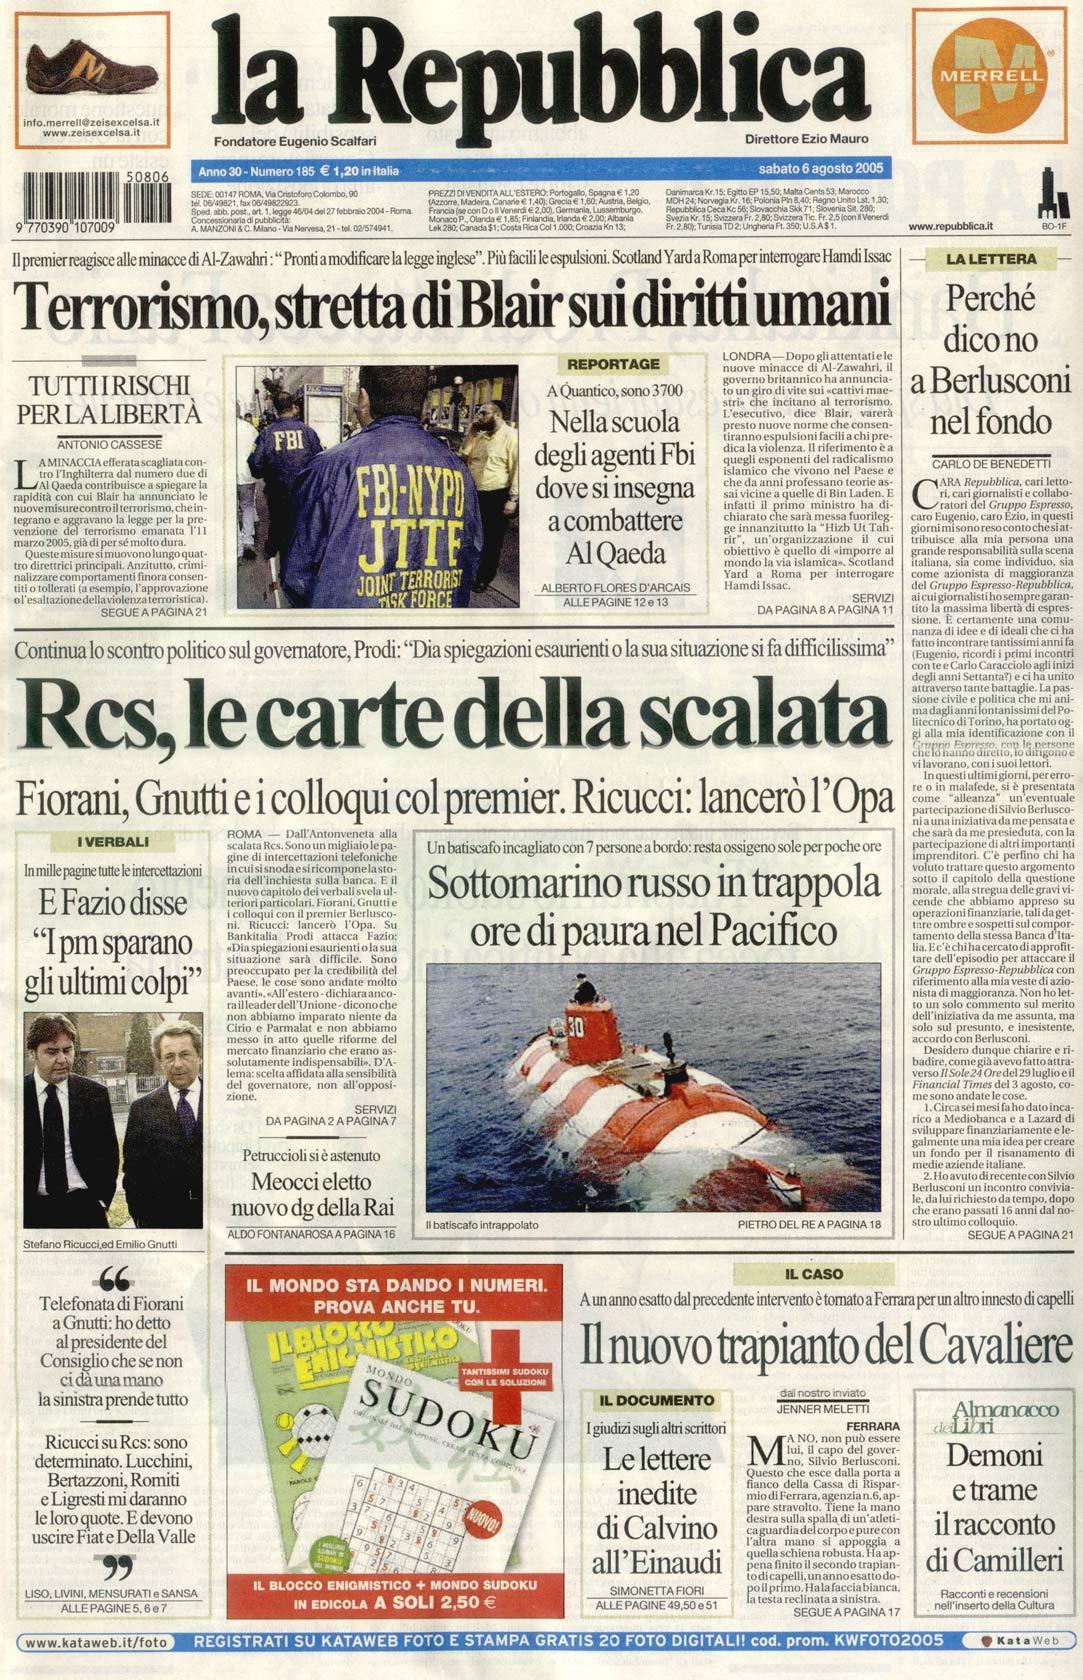 Il nuovo trapianto del Cavaliere - La Repubblica prima pagina